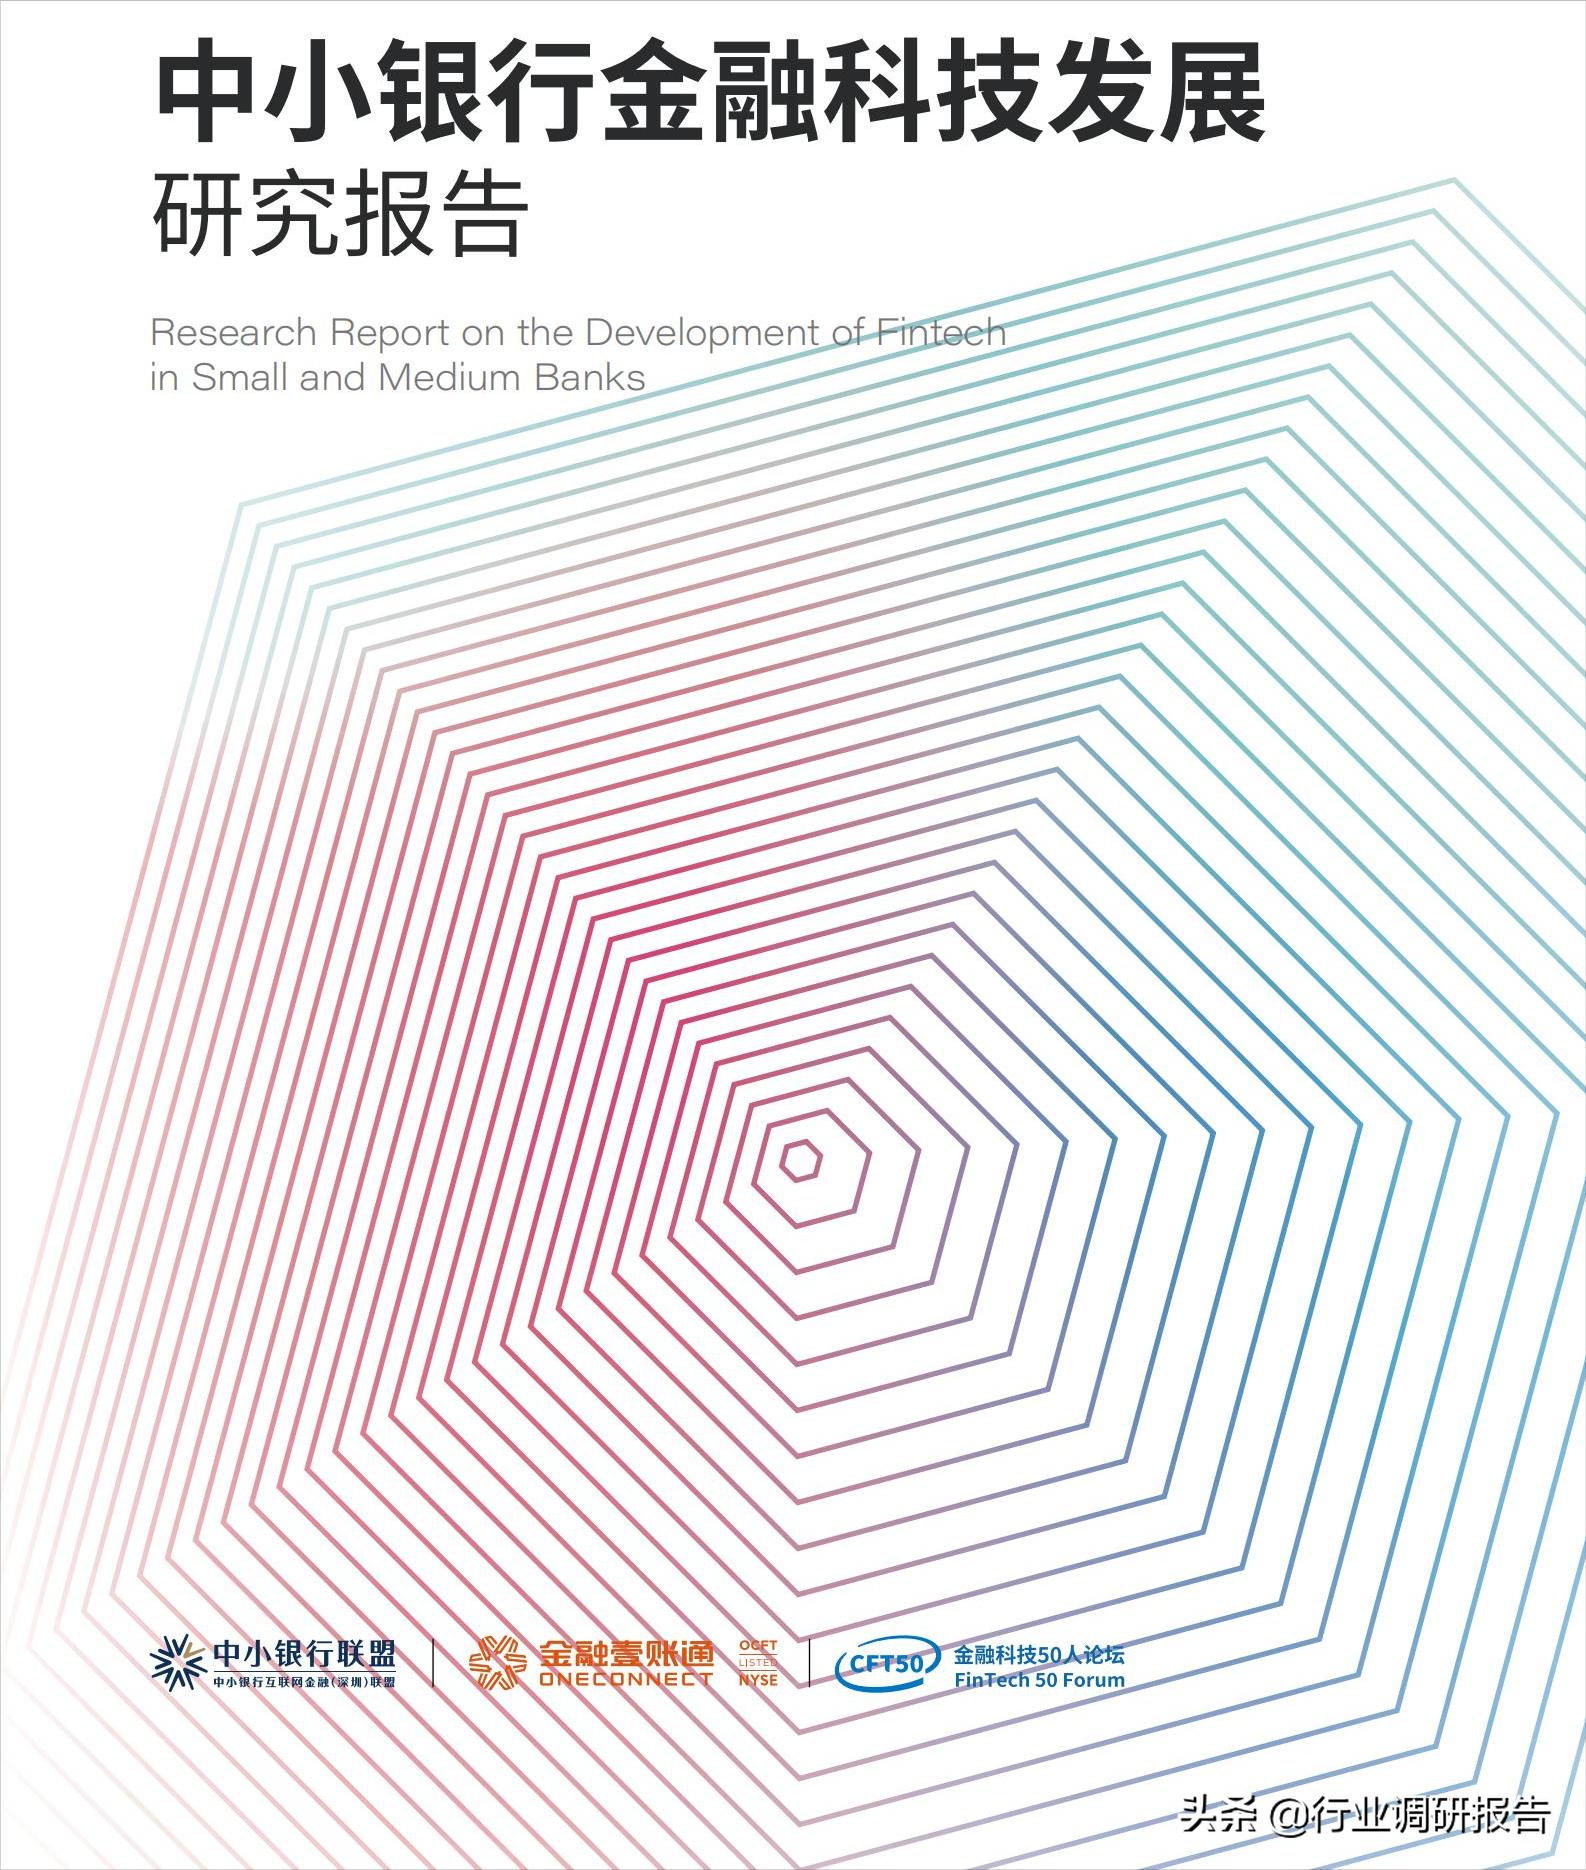 完成中小银行金融技术发展研究报告